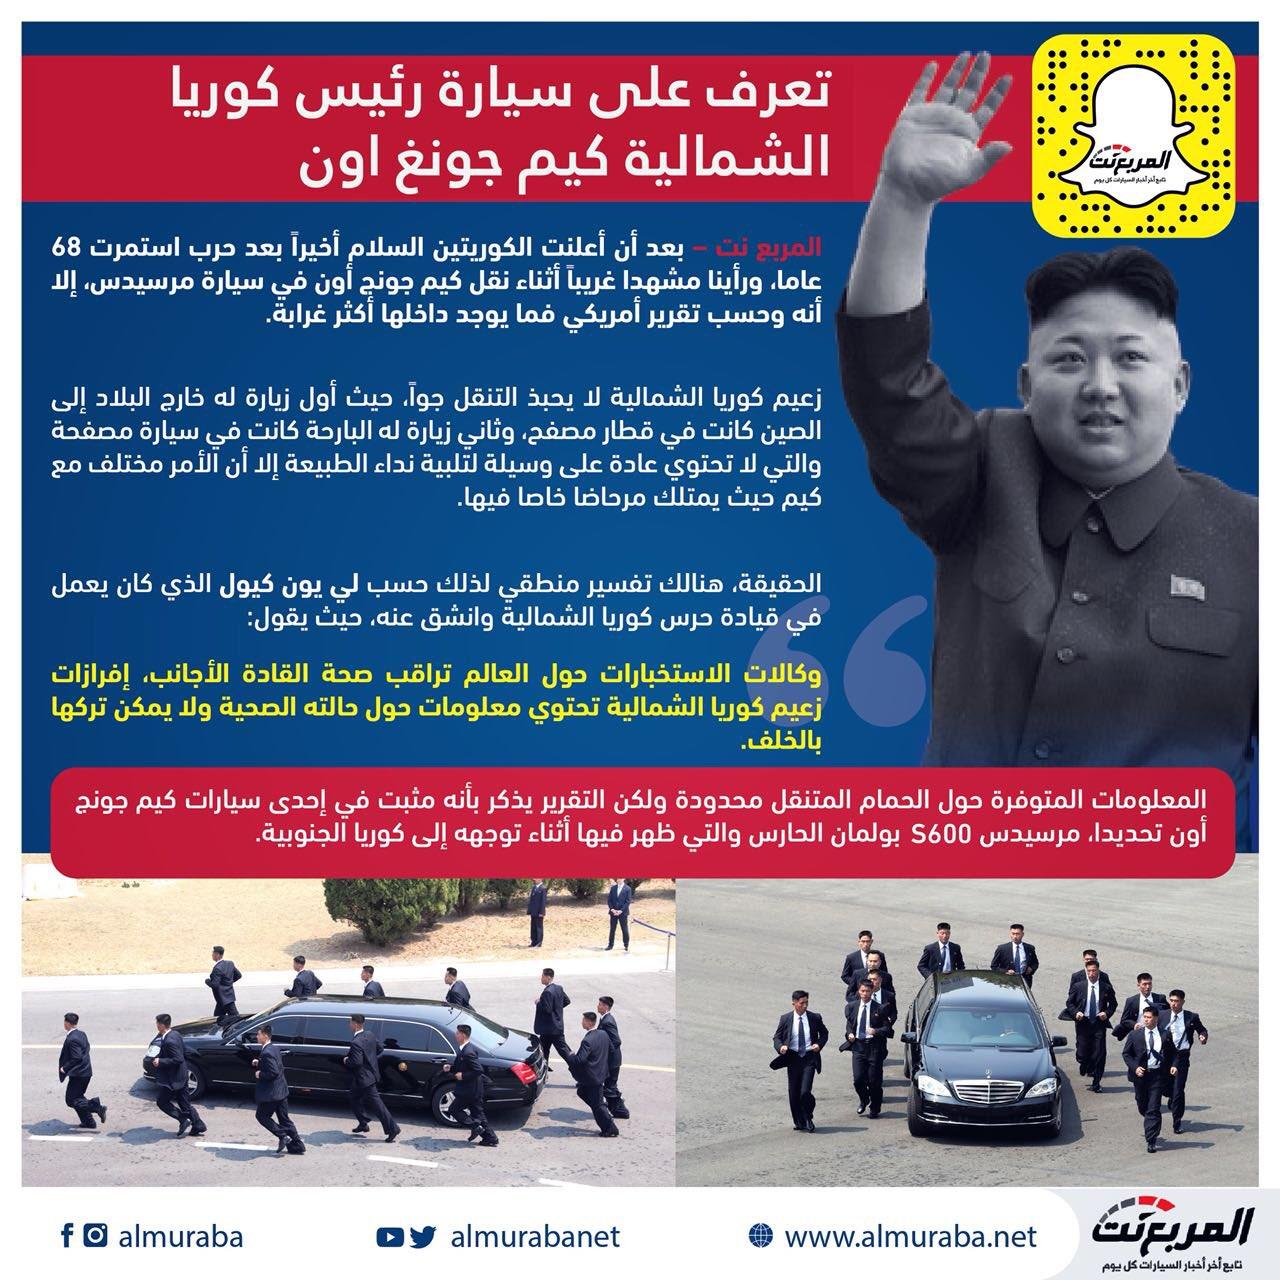 تعرف على سيارة رئيس كوريا الشمالية كيم جونغ اون 🇰🇵 https://t.co/m824S02rS9